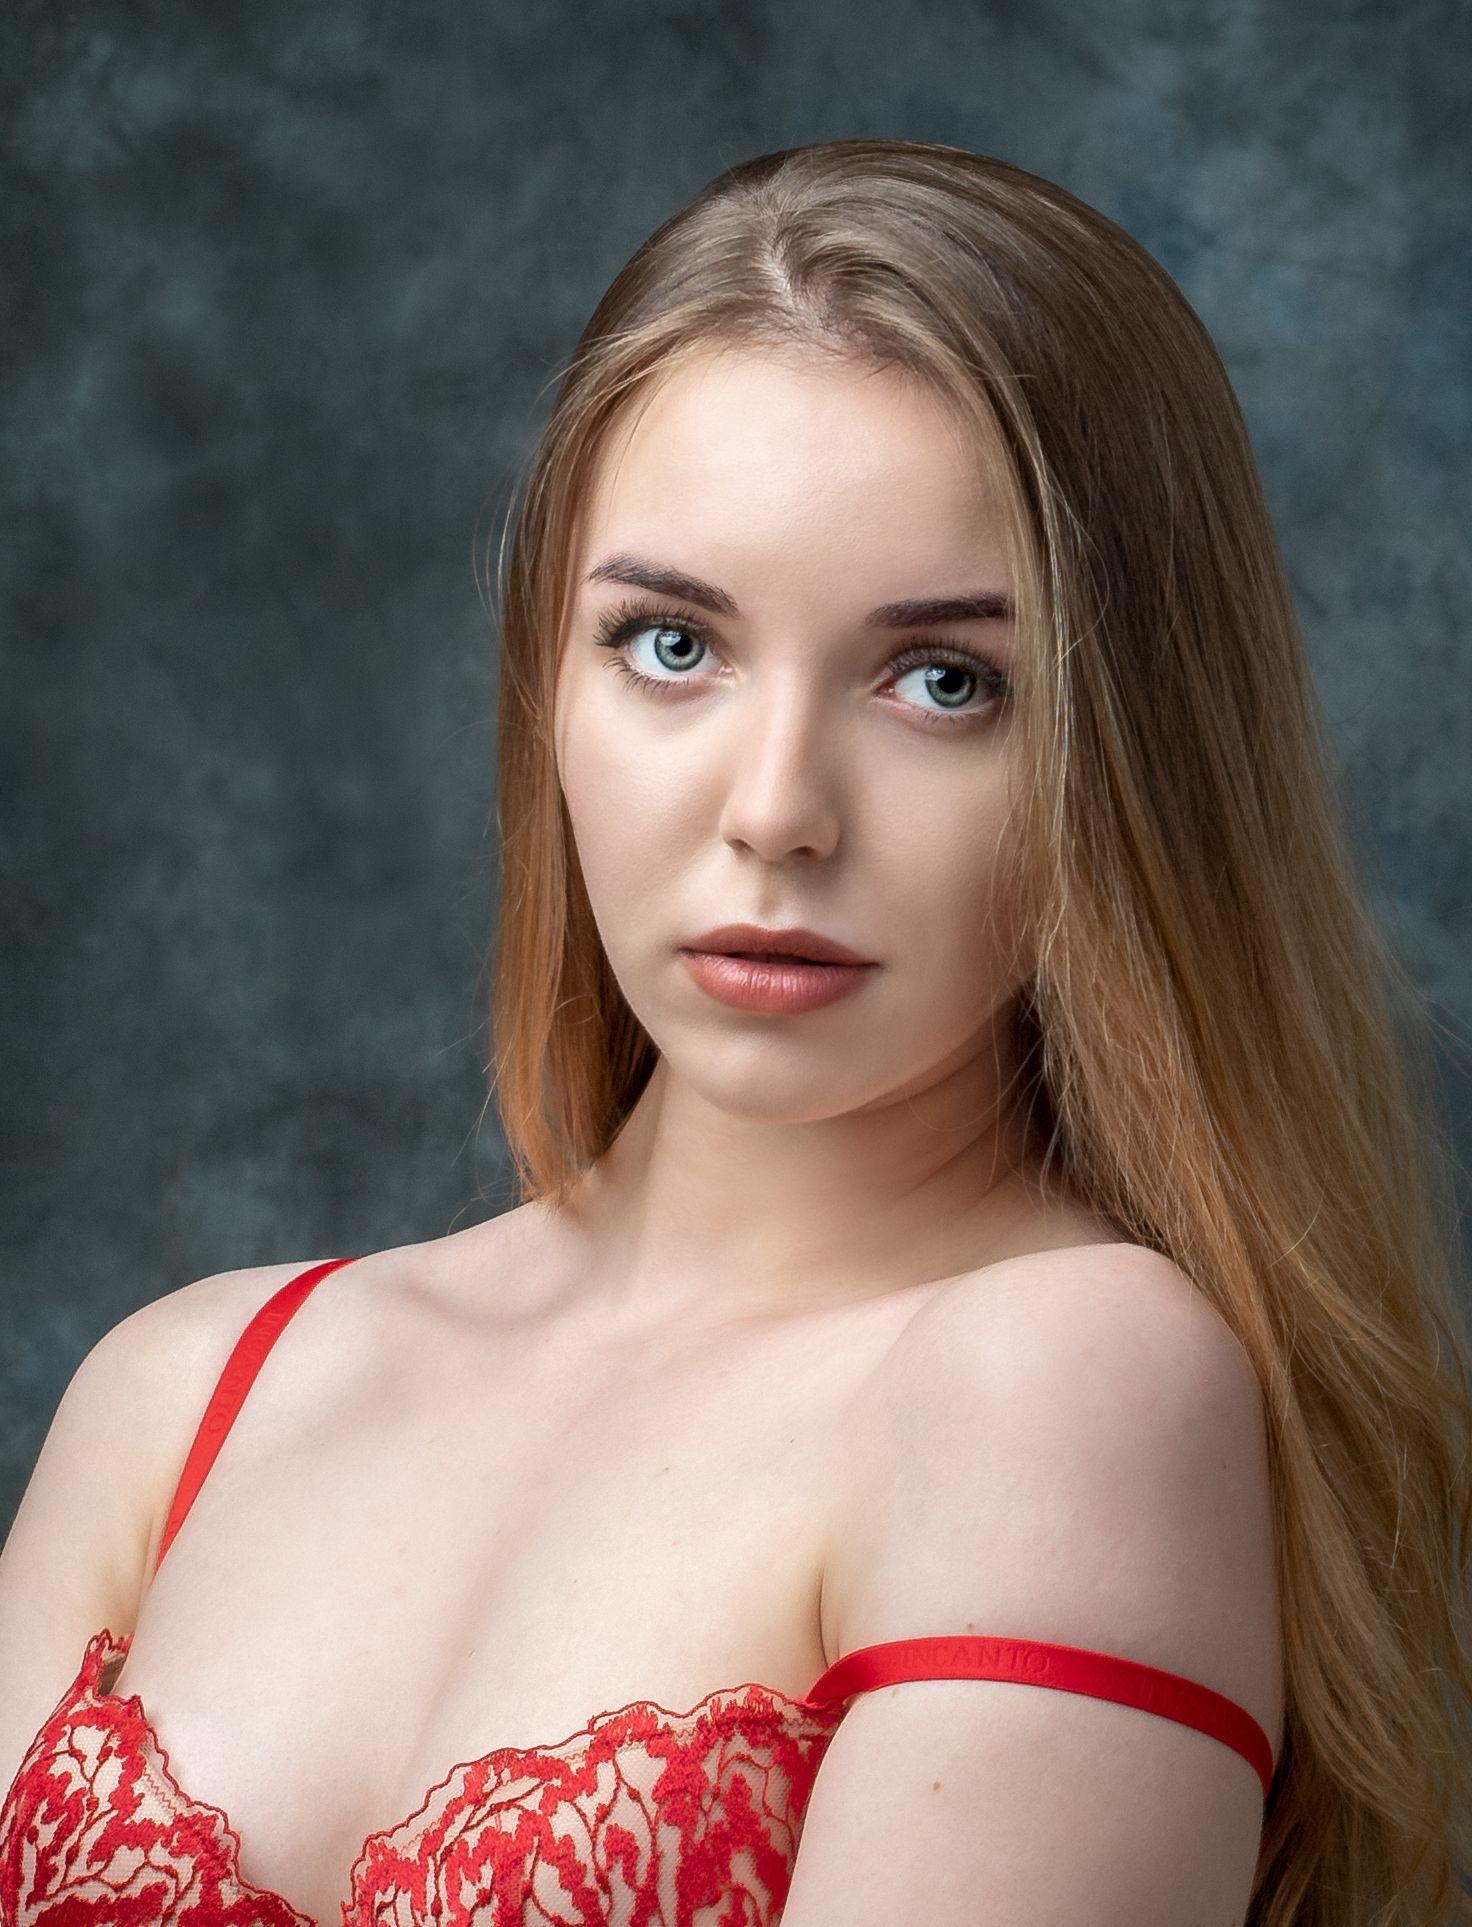 студийный портрет, красивая девушка, женский портрет, концептуальное, будуар, Бабаев Зураб